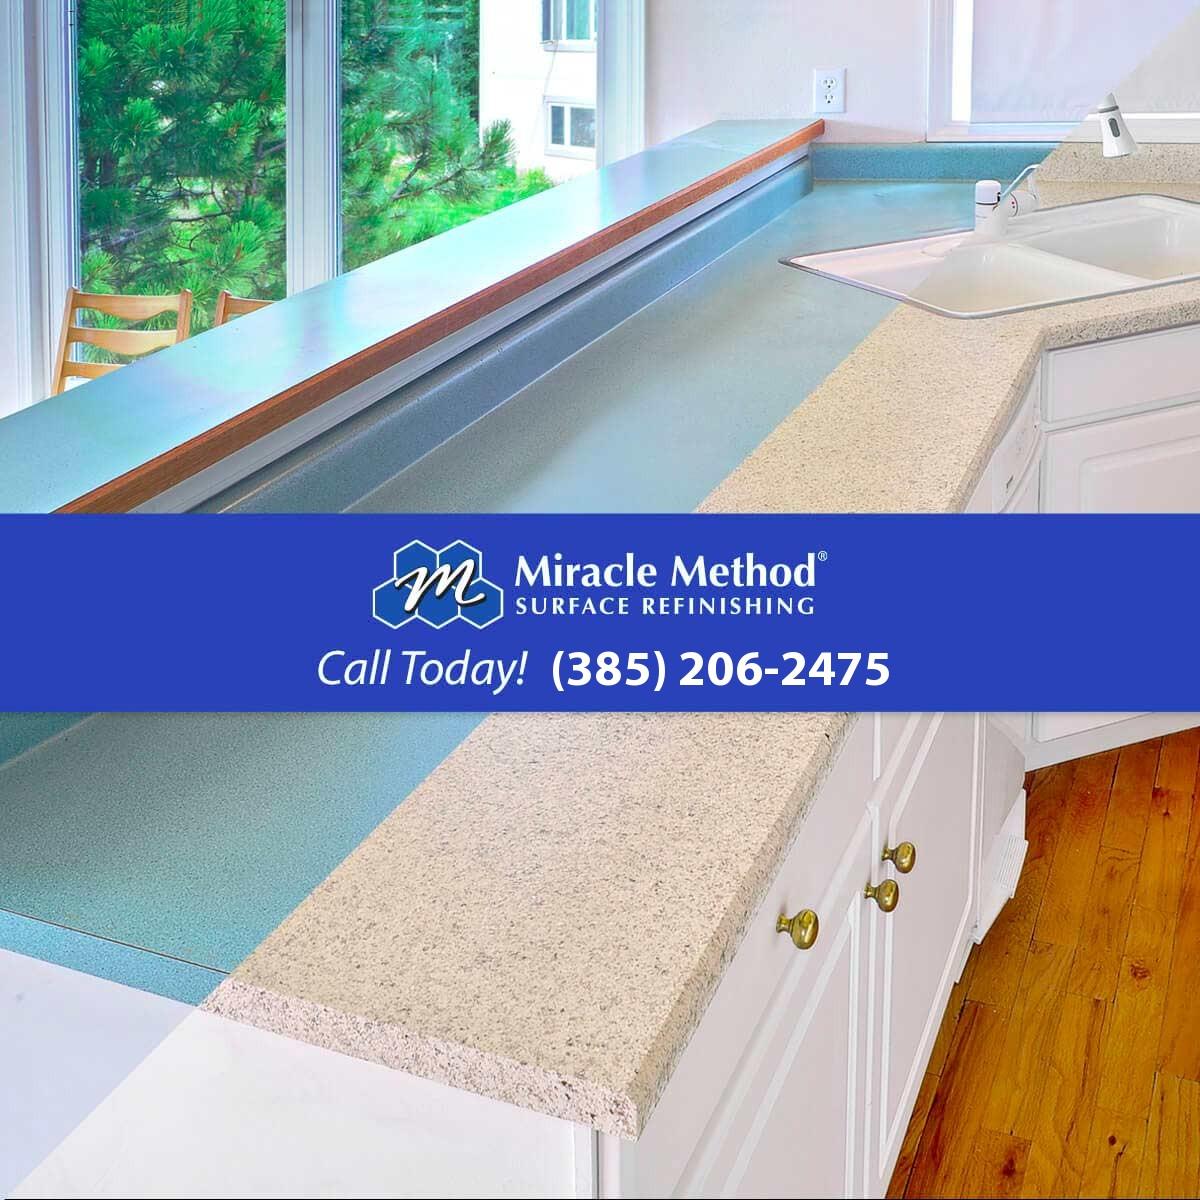 South Salt Lake, UT Surface Refinishing & Repair | Miracle Method of ...